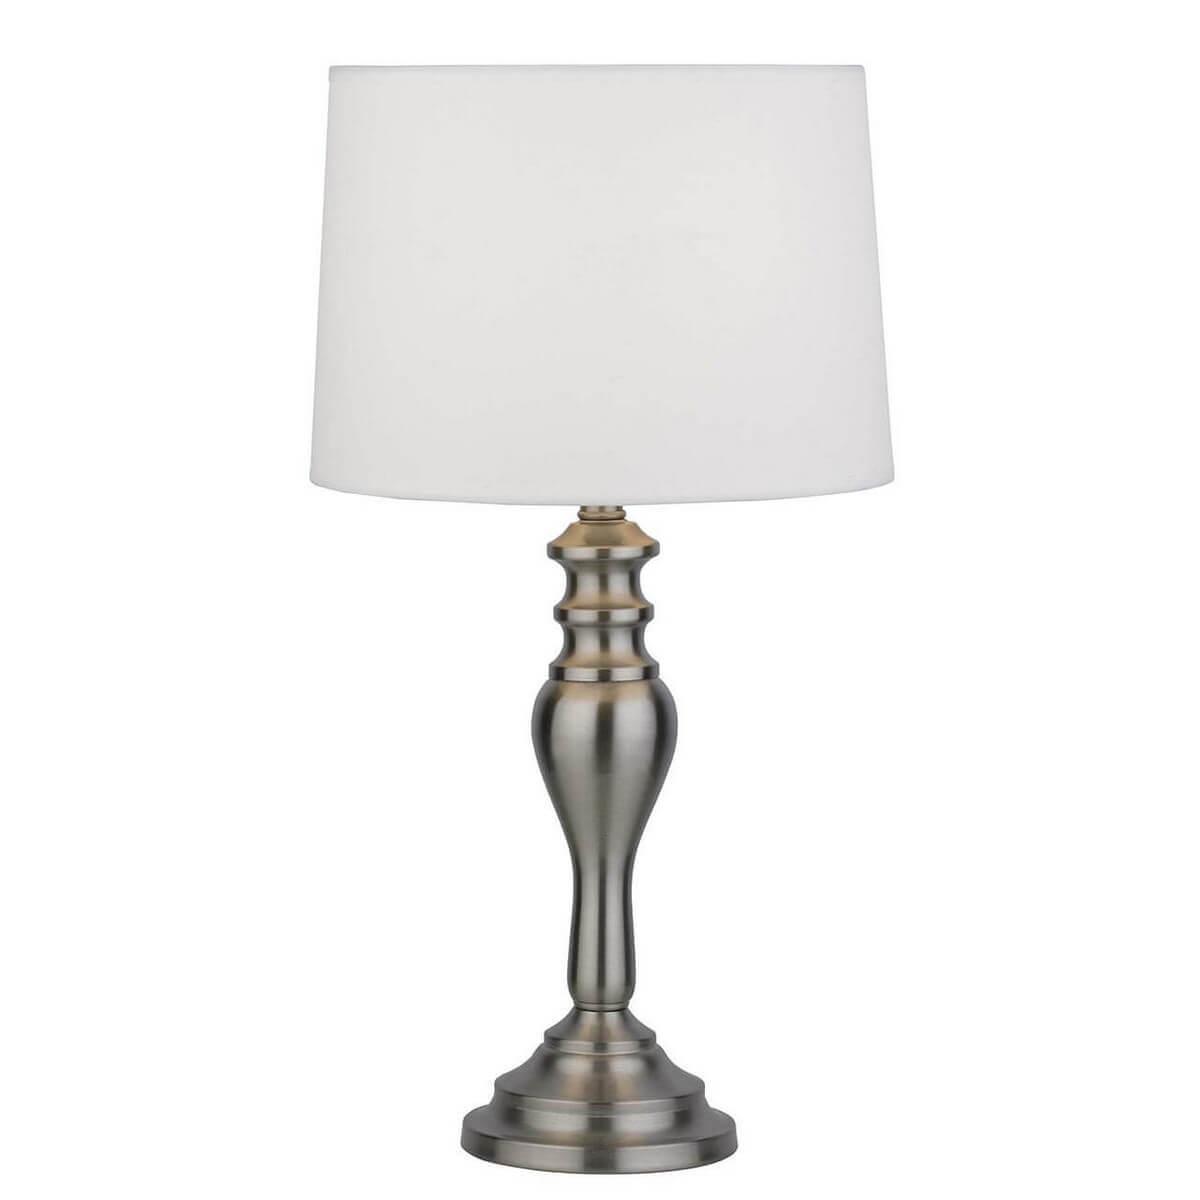 цена на Настольная лампа Markslojd 105210 Pokal